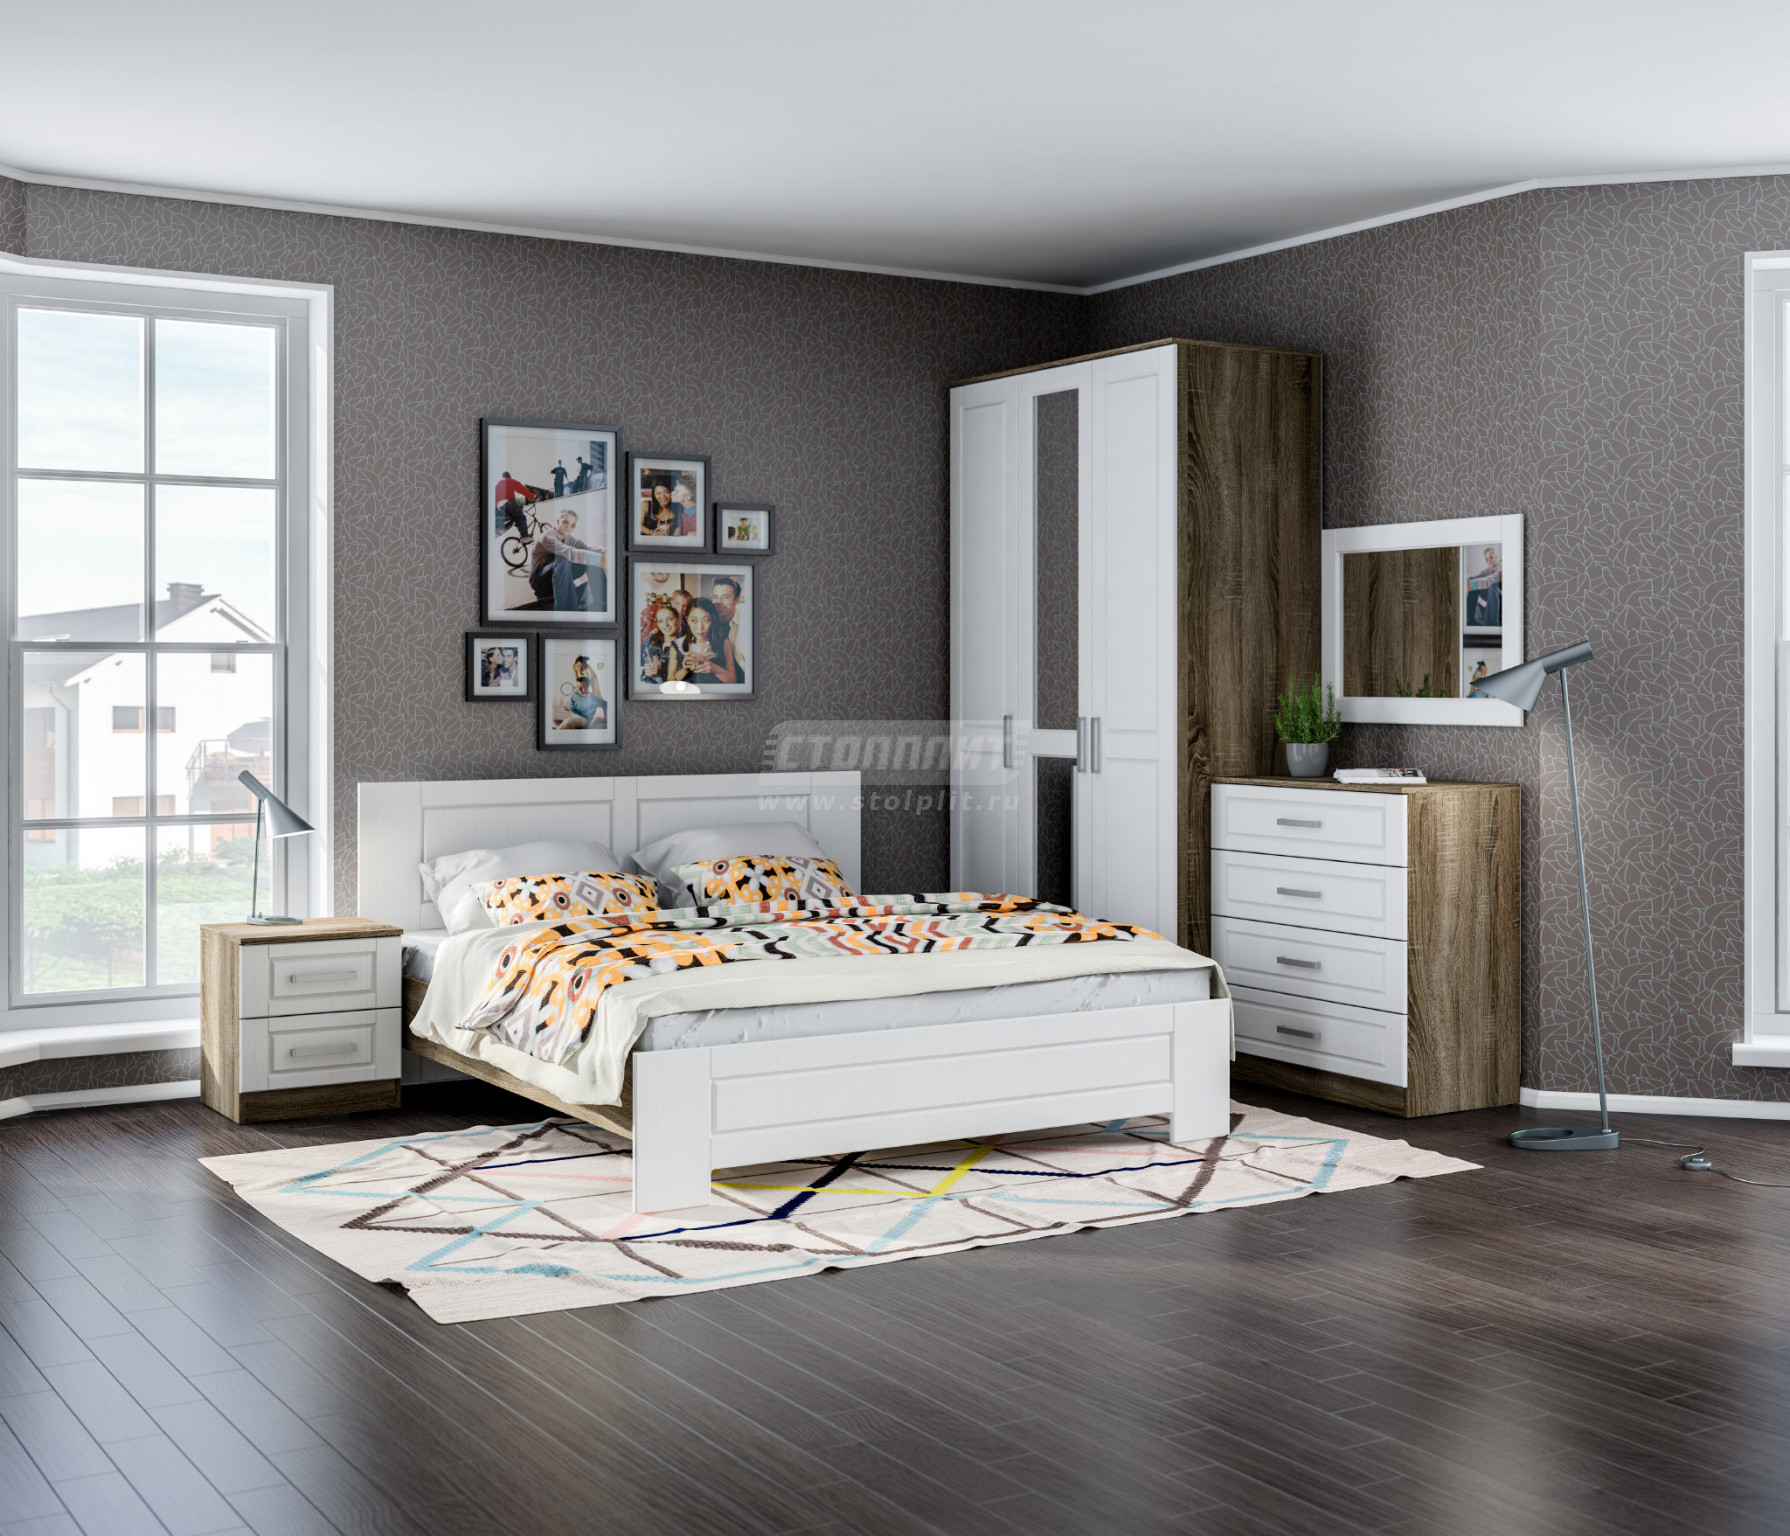 Спальня Столплит Илона 426-677-273-7170 дуб сонома трюфель/сандал белый